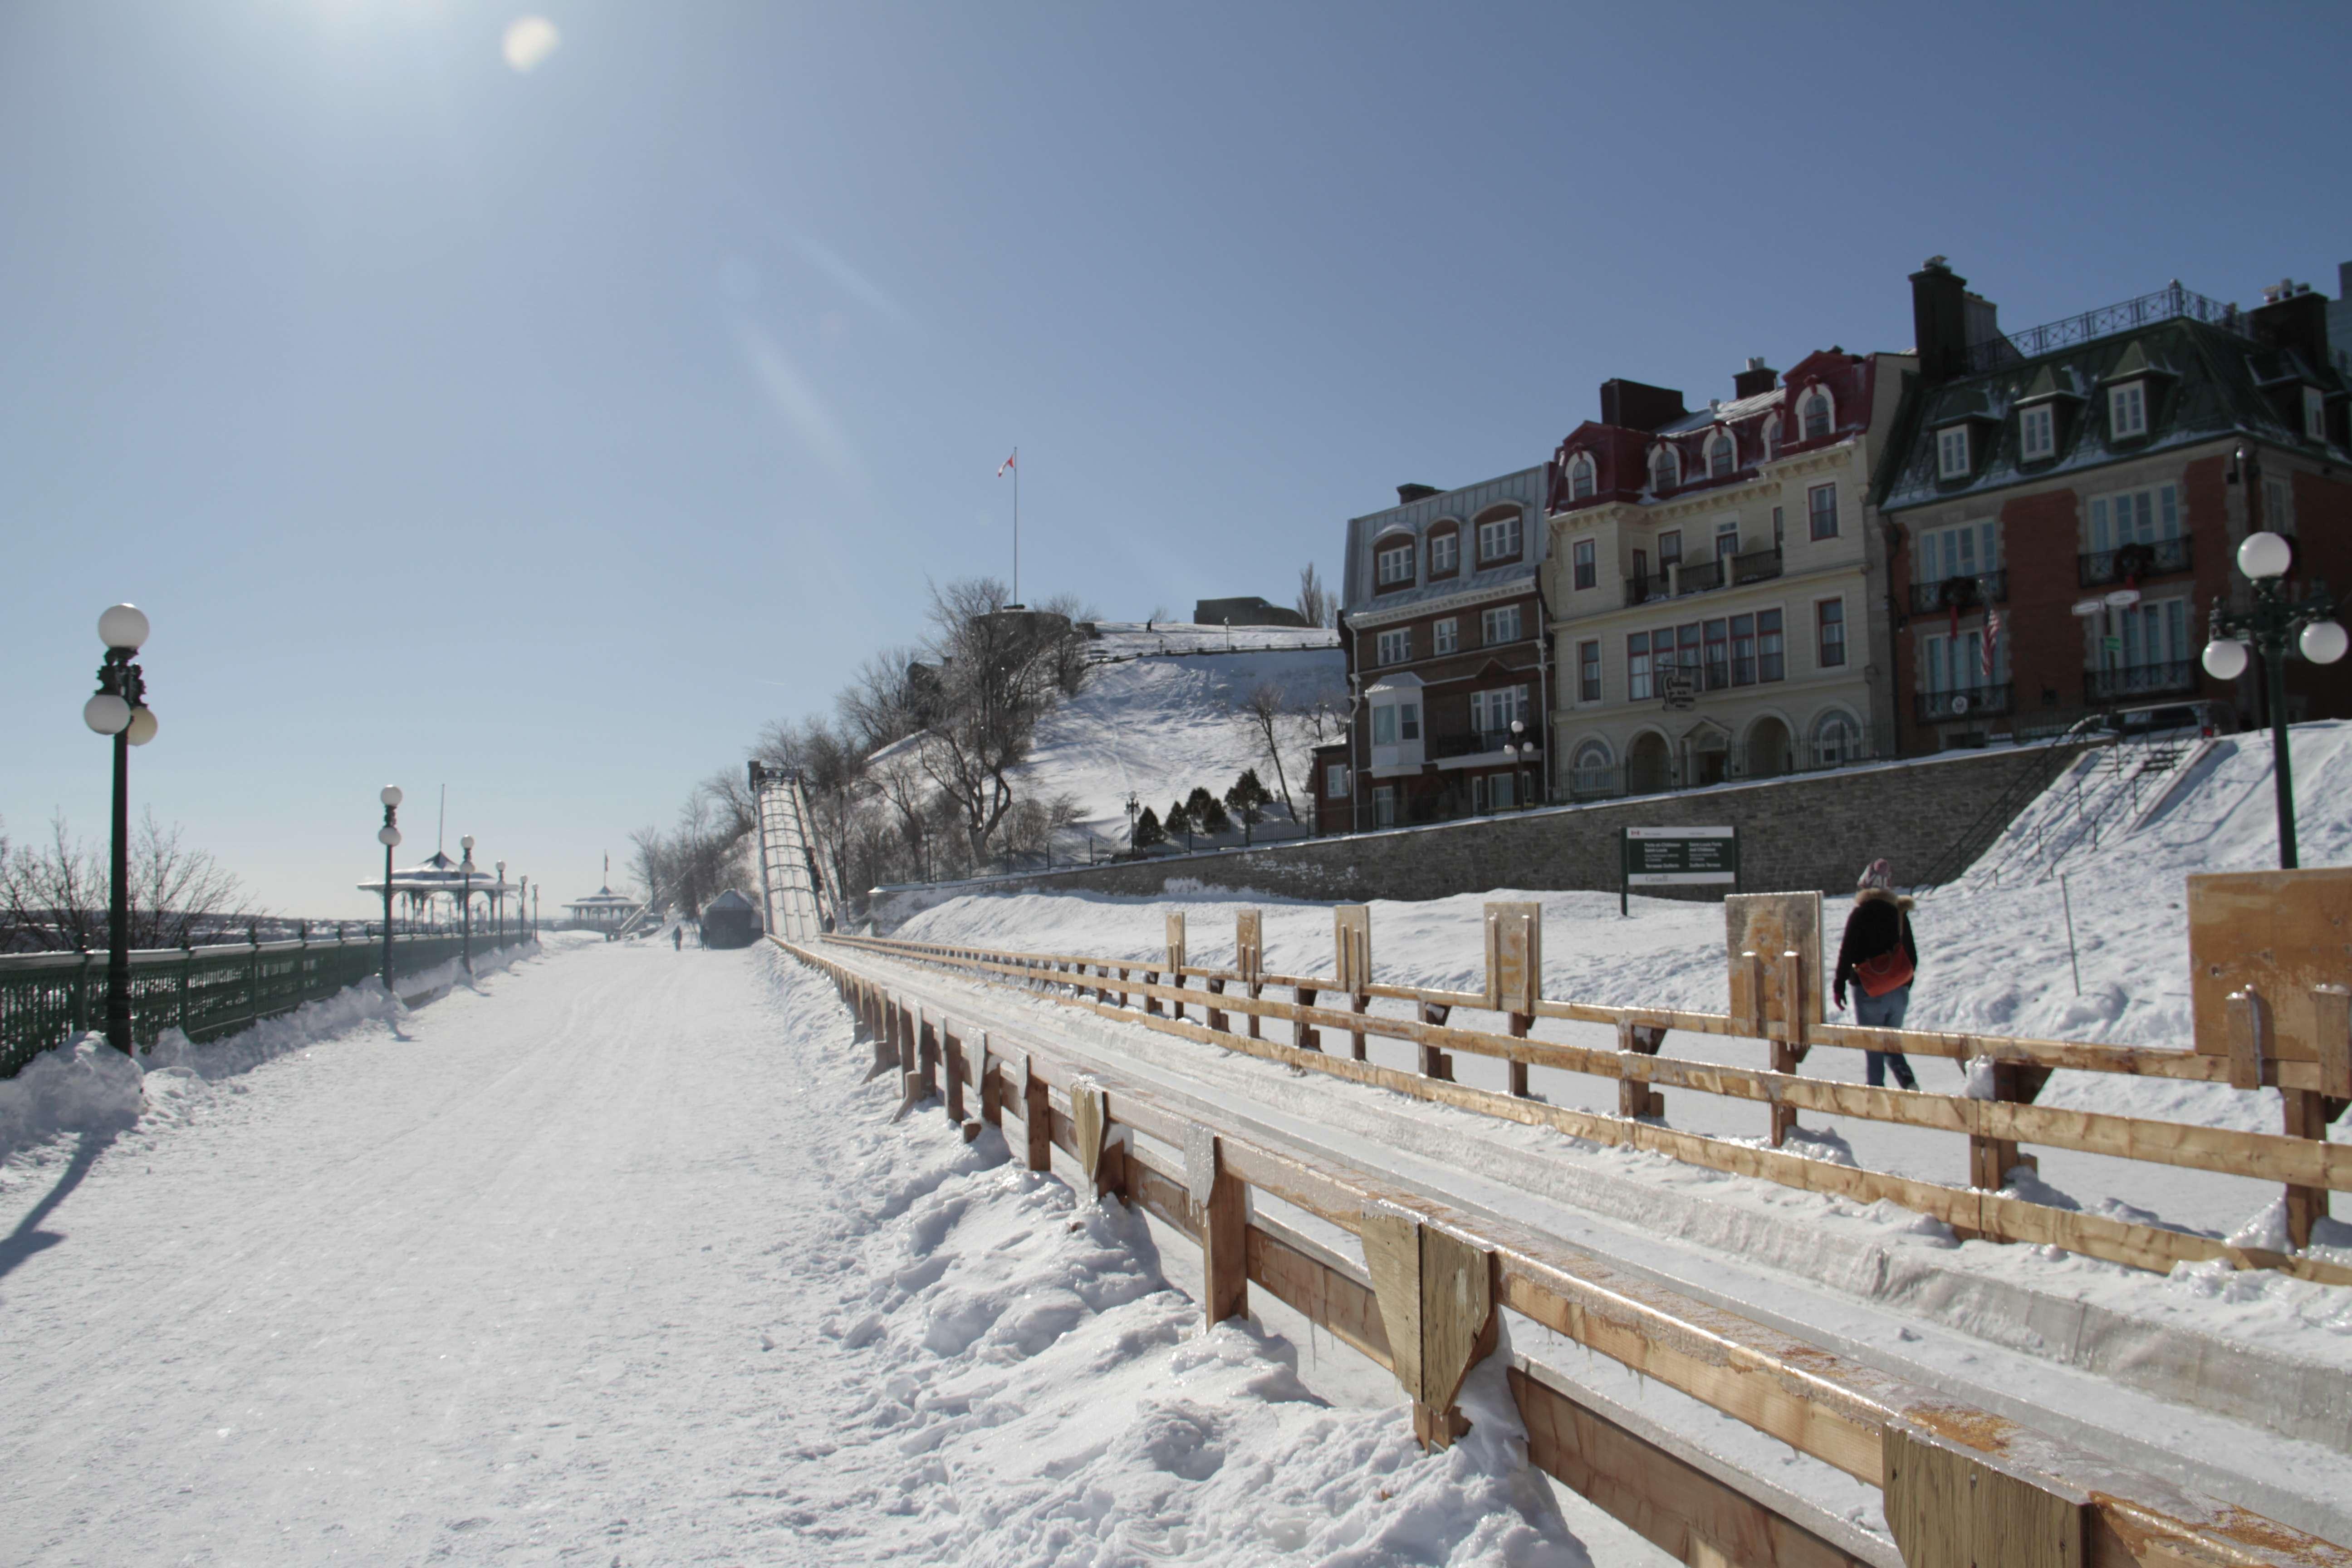 Quebec fevrier 2018_0035 Vieux Quebec promenade des Gouverneurs